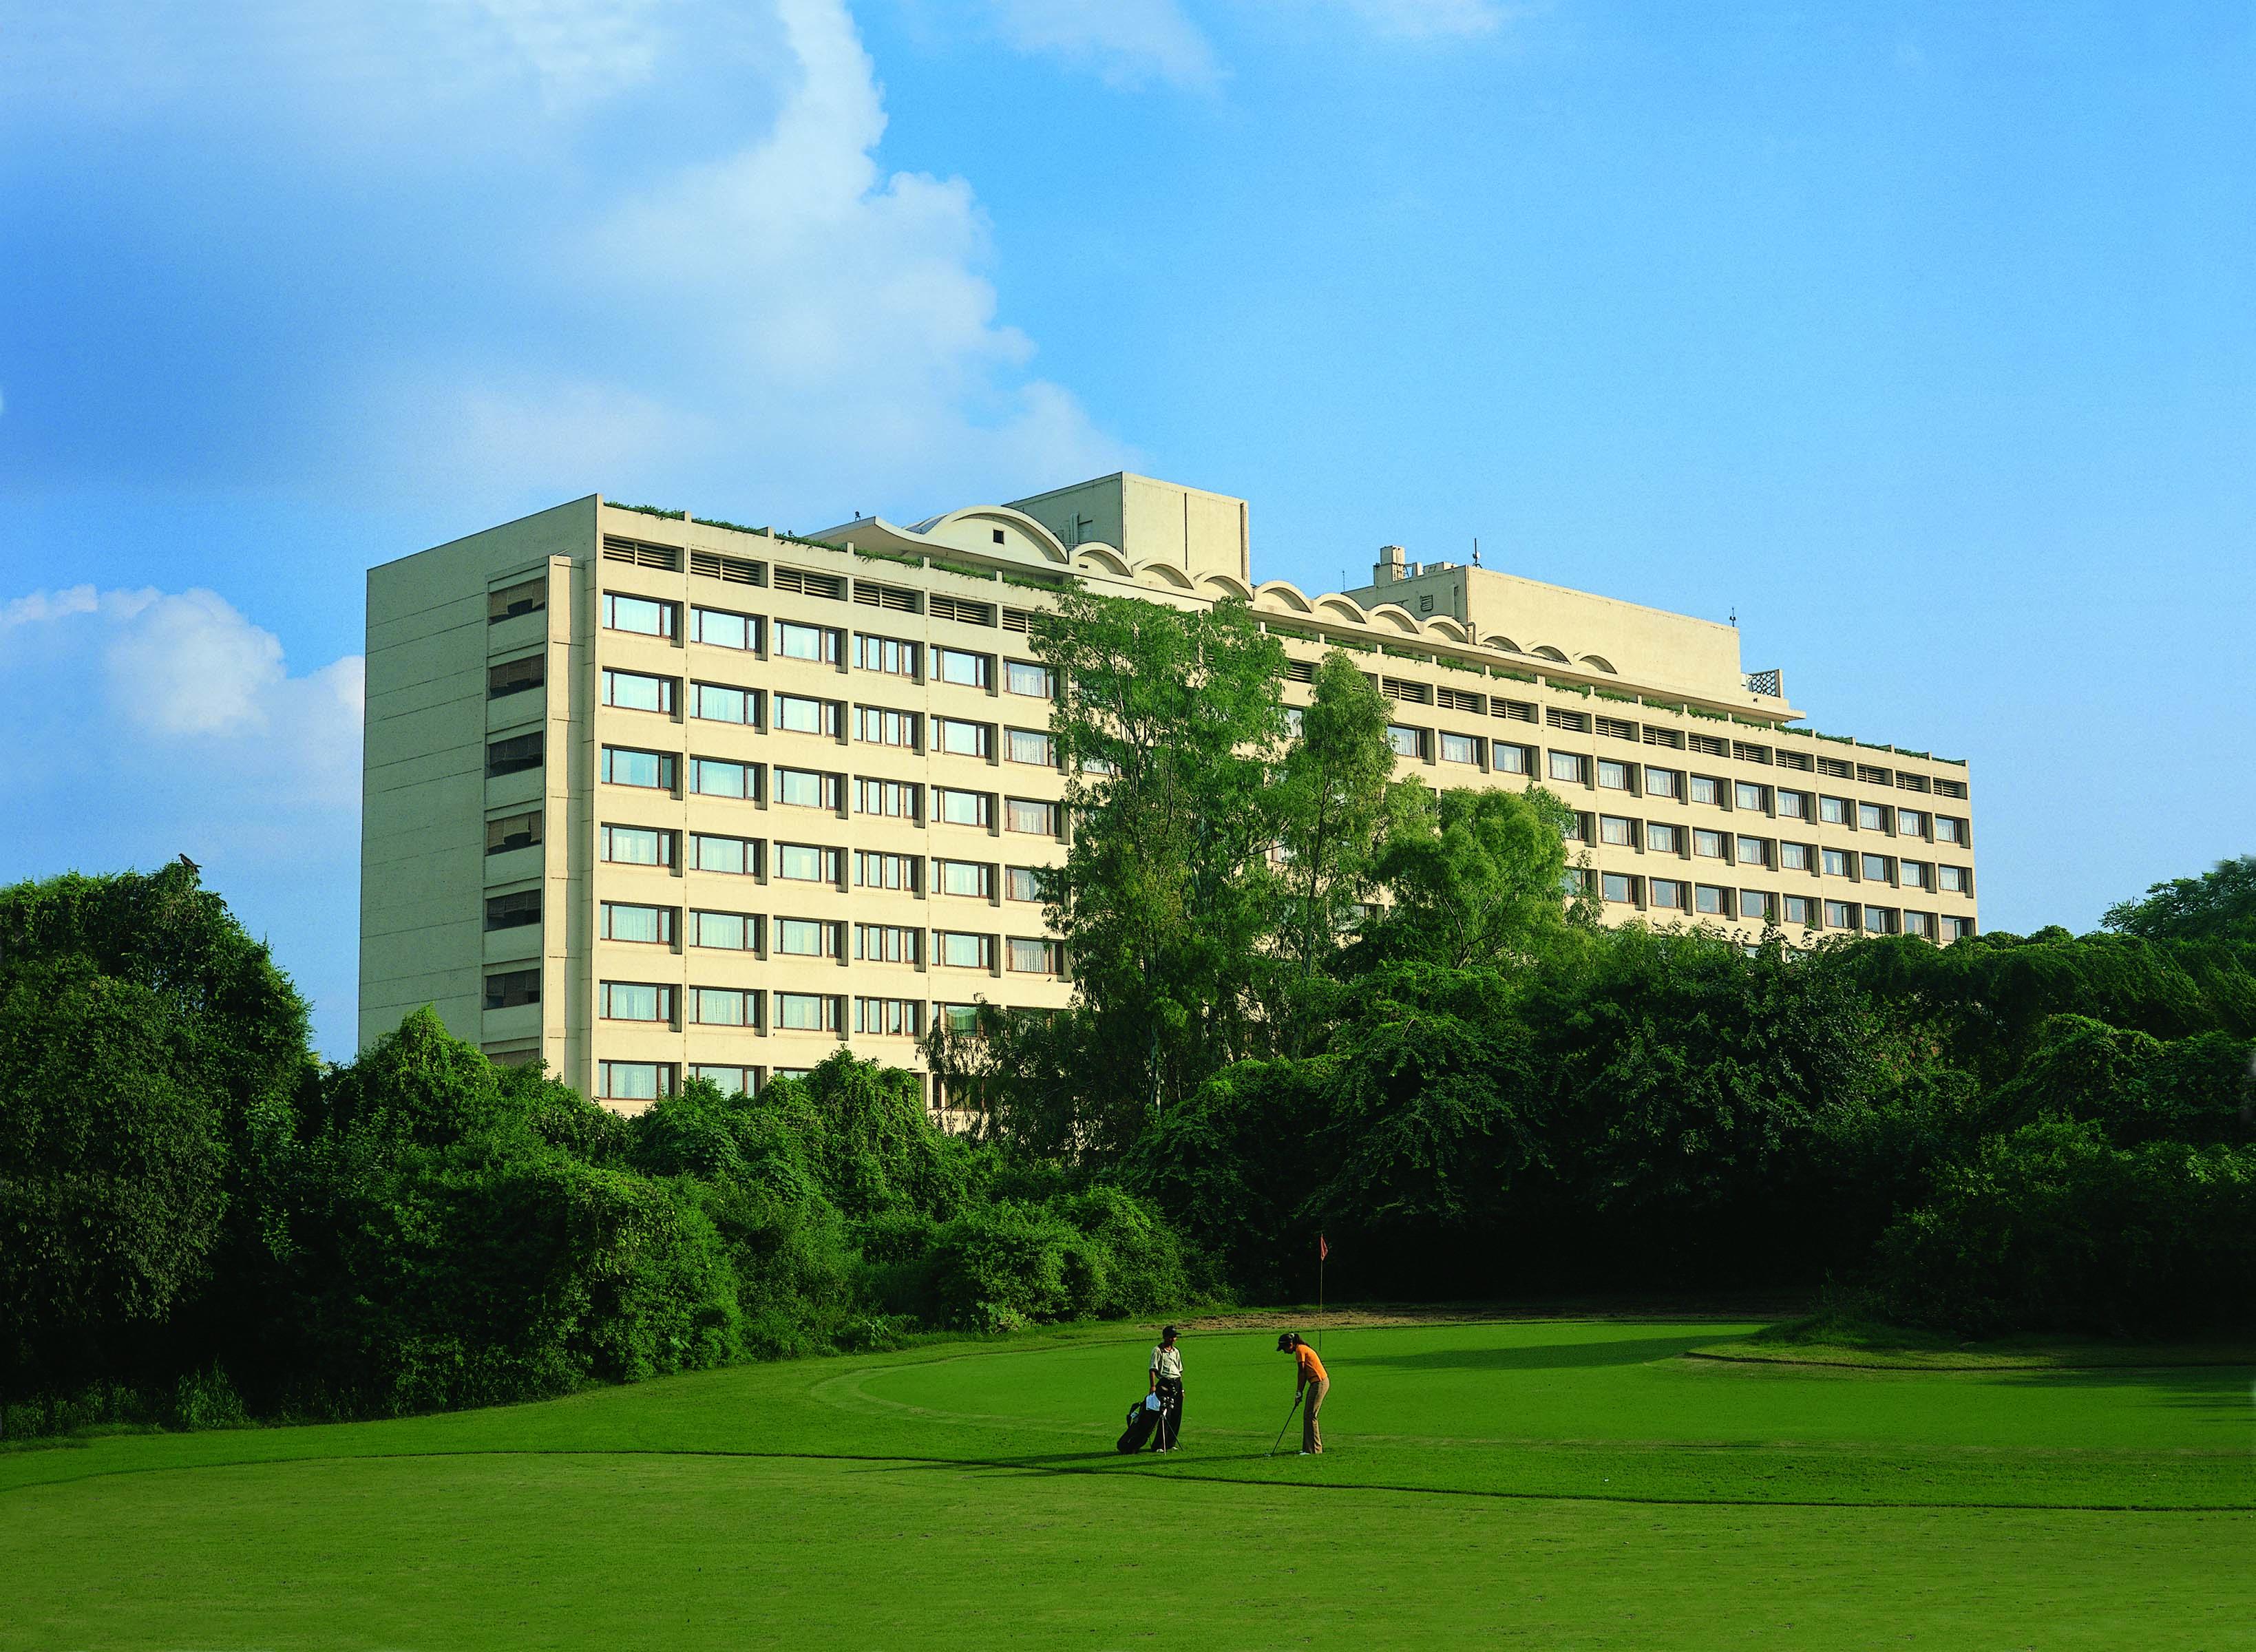 New Delhi Airport Hotels - Hotels Near DEL Airport